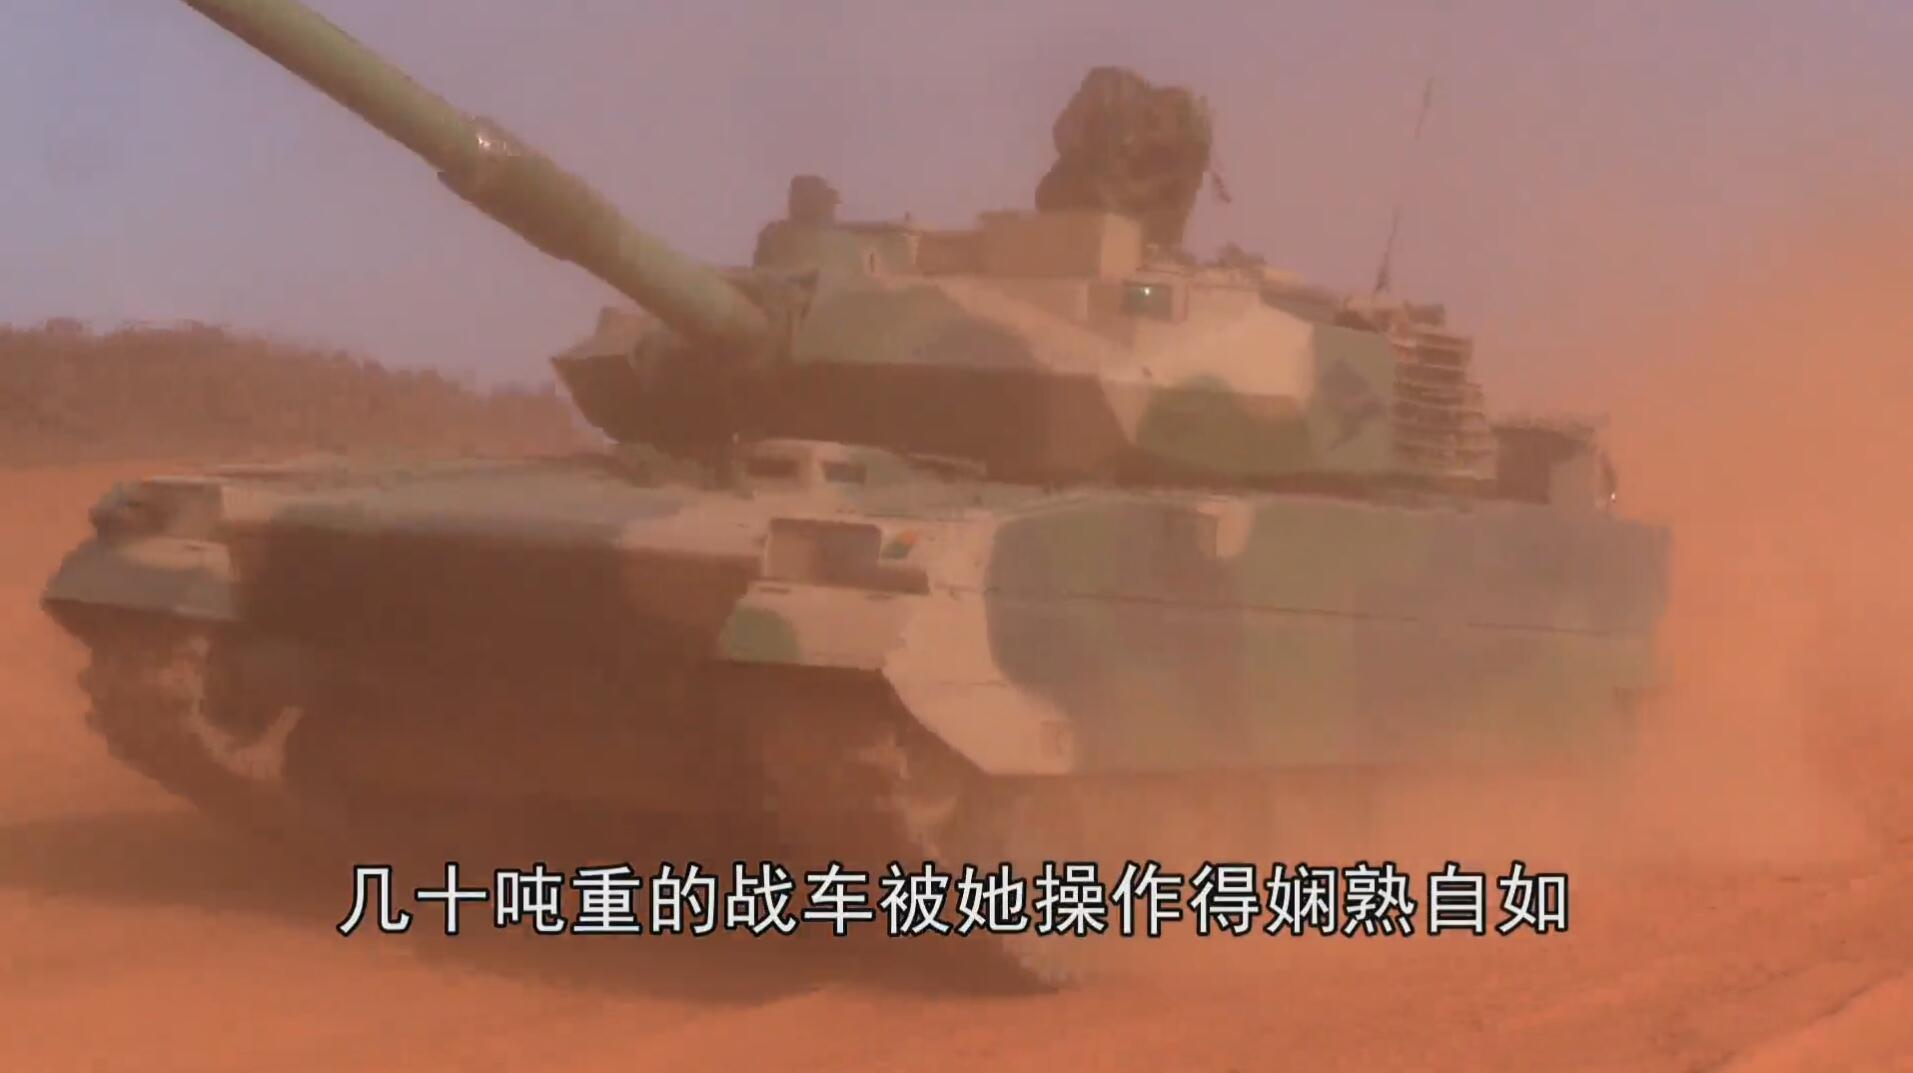 藏族女兵娴熟驾驶15式坦克 首次实弹射击发发命中